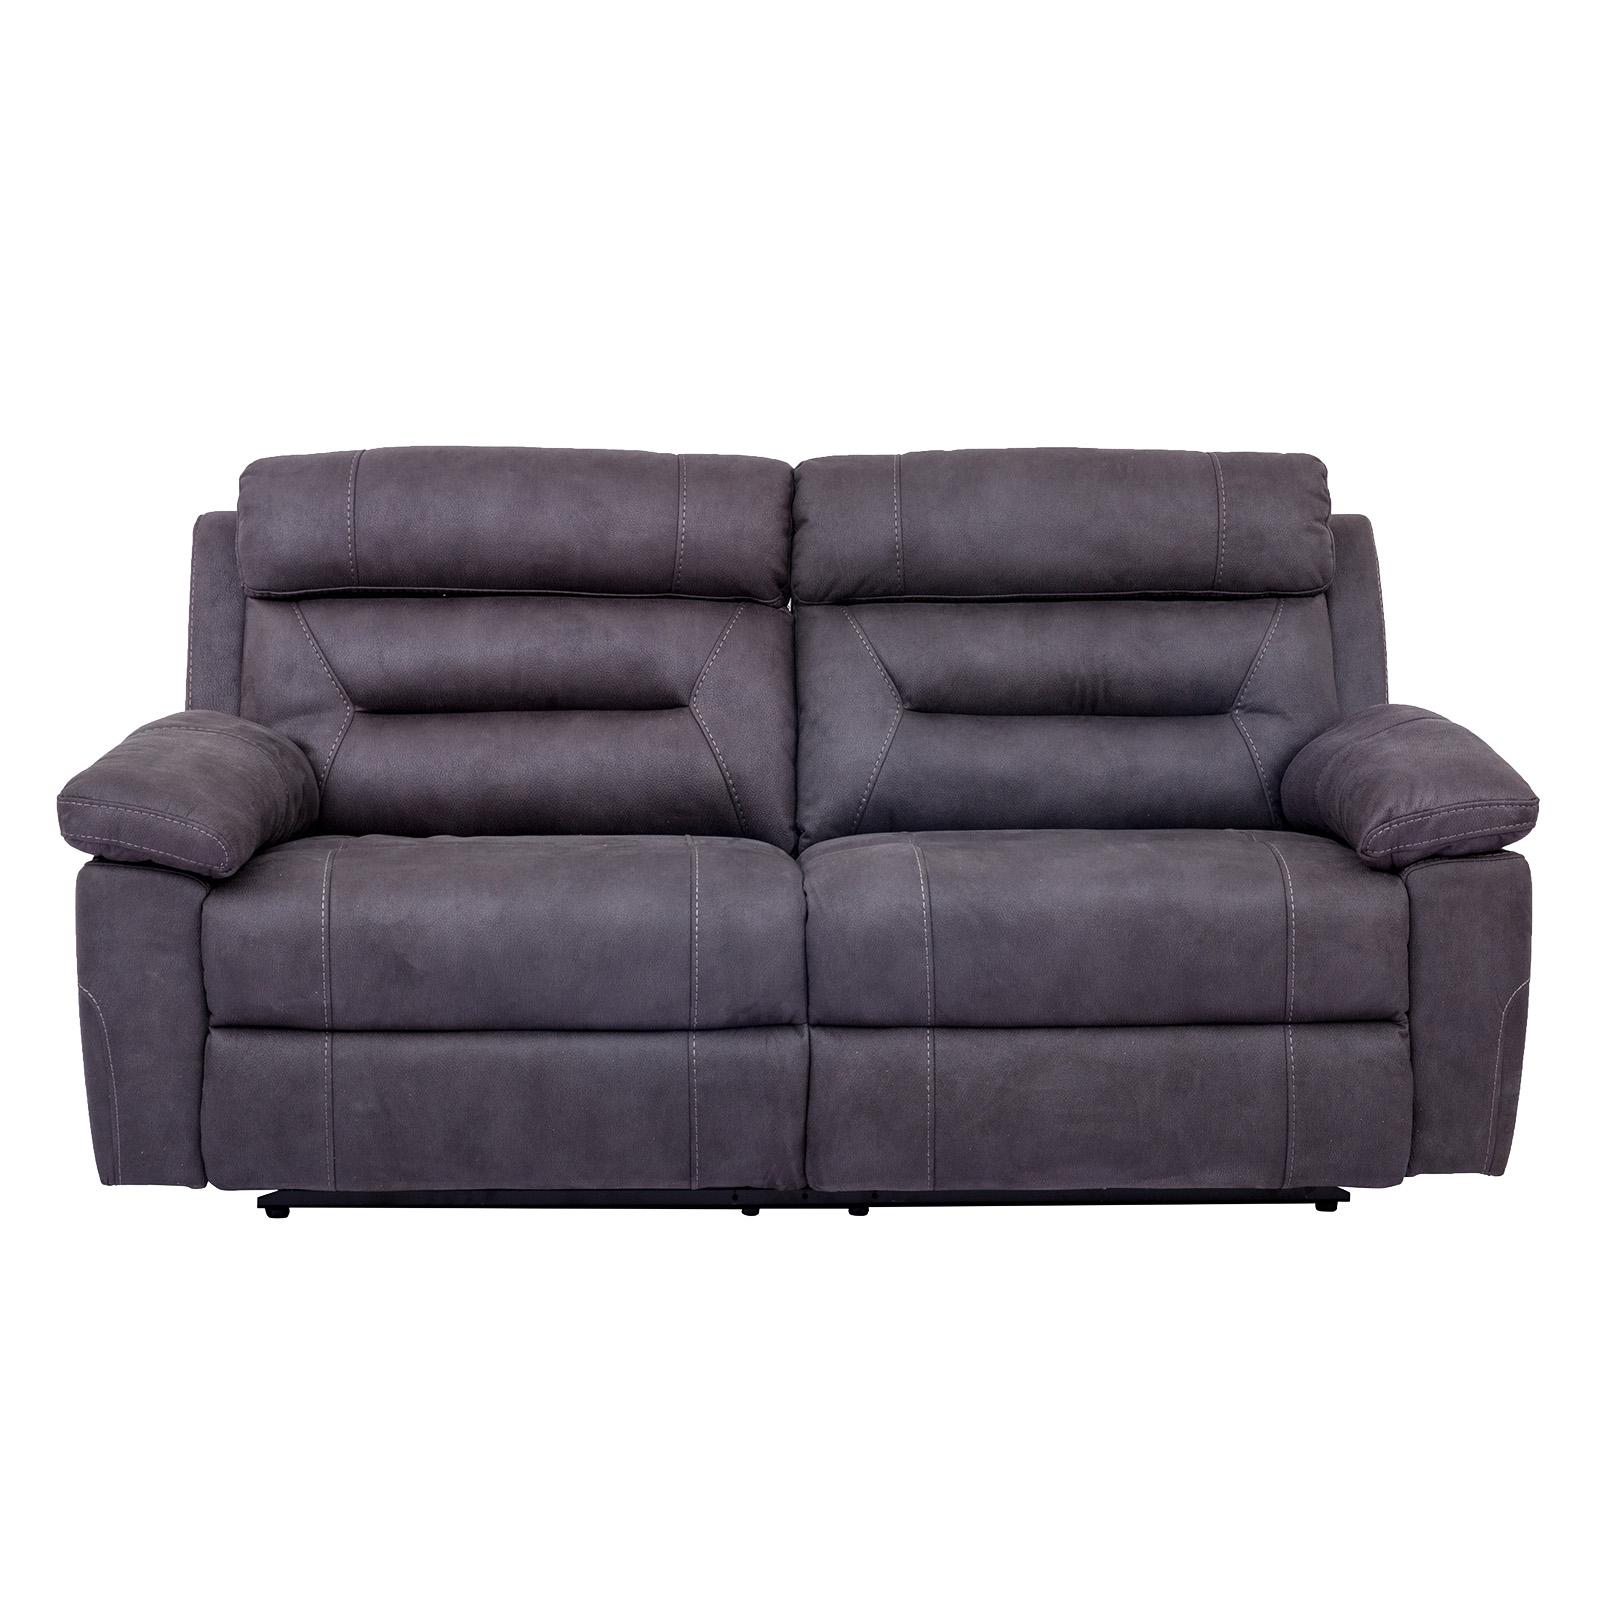 Full Size of Kinosessel 2er Microfaser Sofa Elektrisch Set 2 Sofas Mit Sessel Relaxfunktion Online Bei Grau Wohnzimmer Kinosessel 2er Microfaser